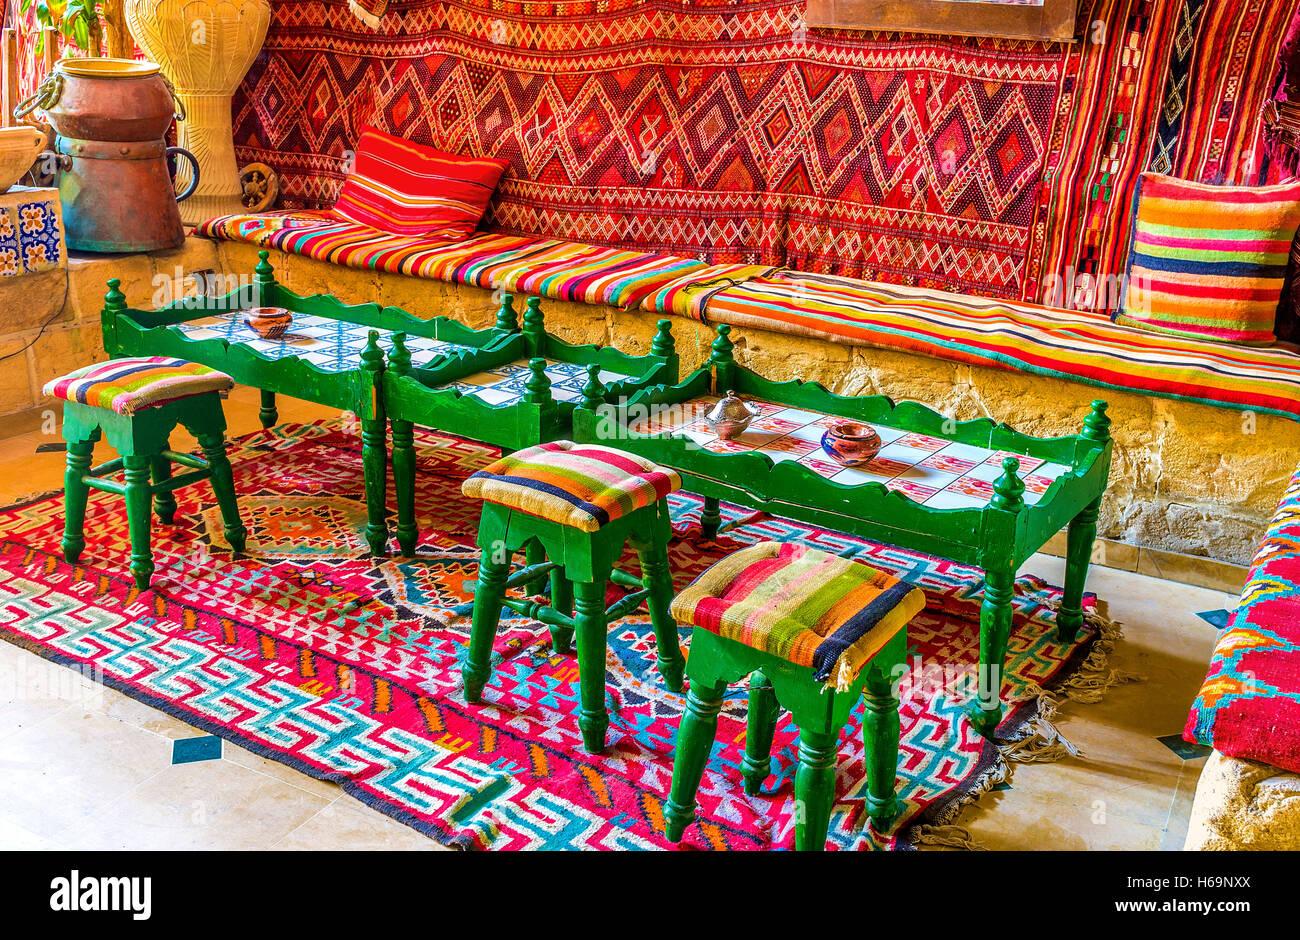 Jedes arabische Restaurant ist auch ein Teehaus, so es große Tabellen für Essen und kleinen zum Tee trinken bietet Stockfoto